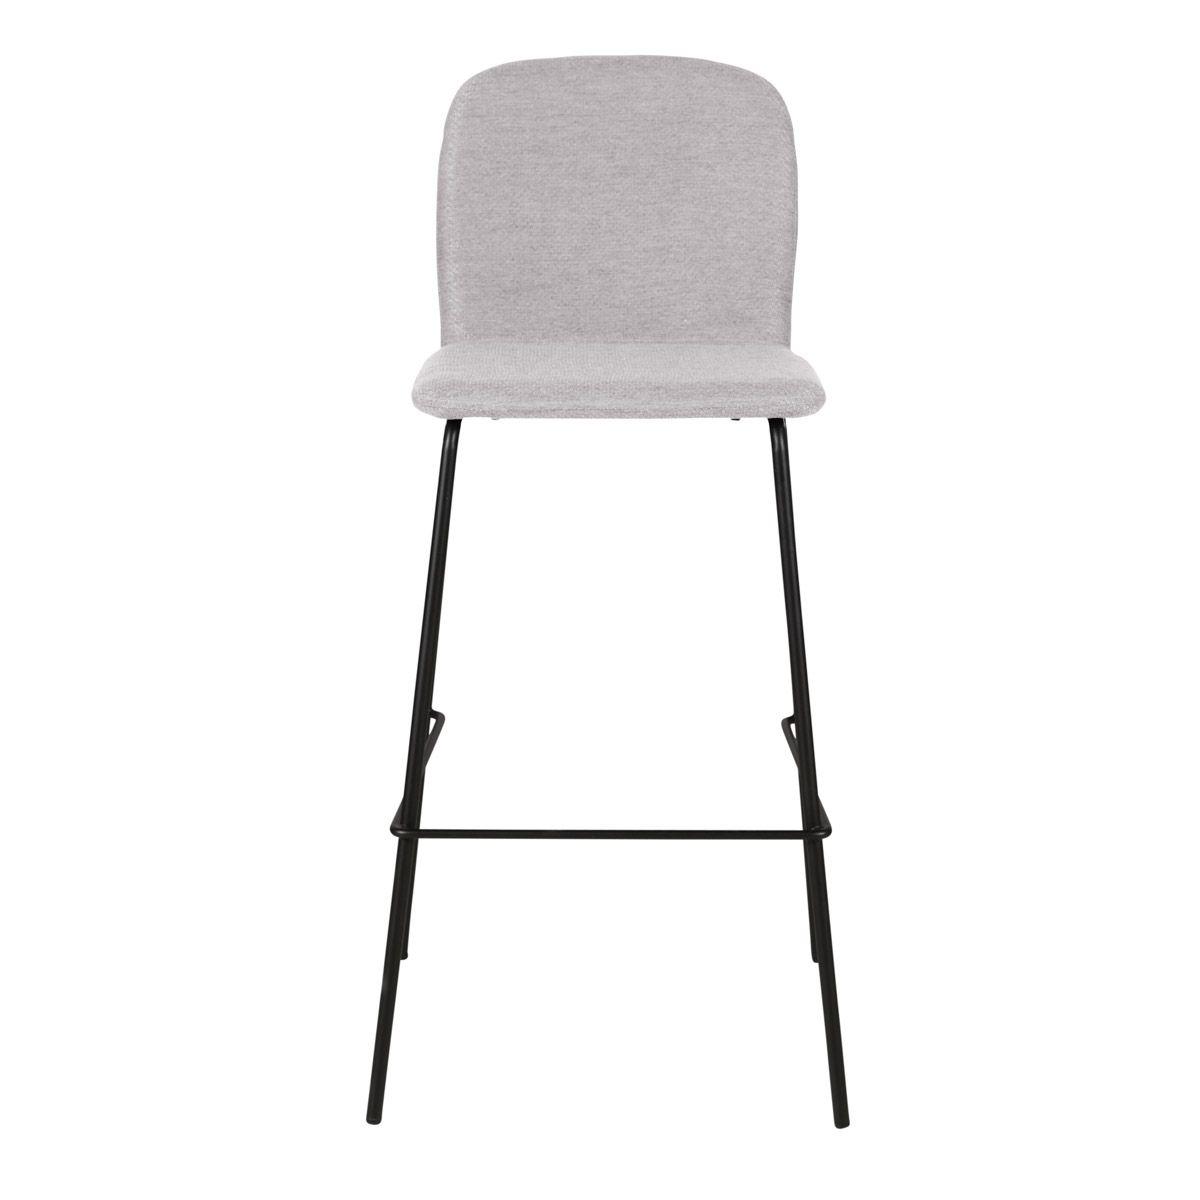 Chaise de bar tissu gris clair et piètement métal h75